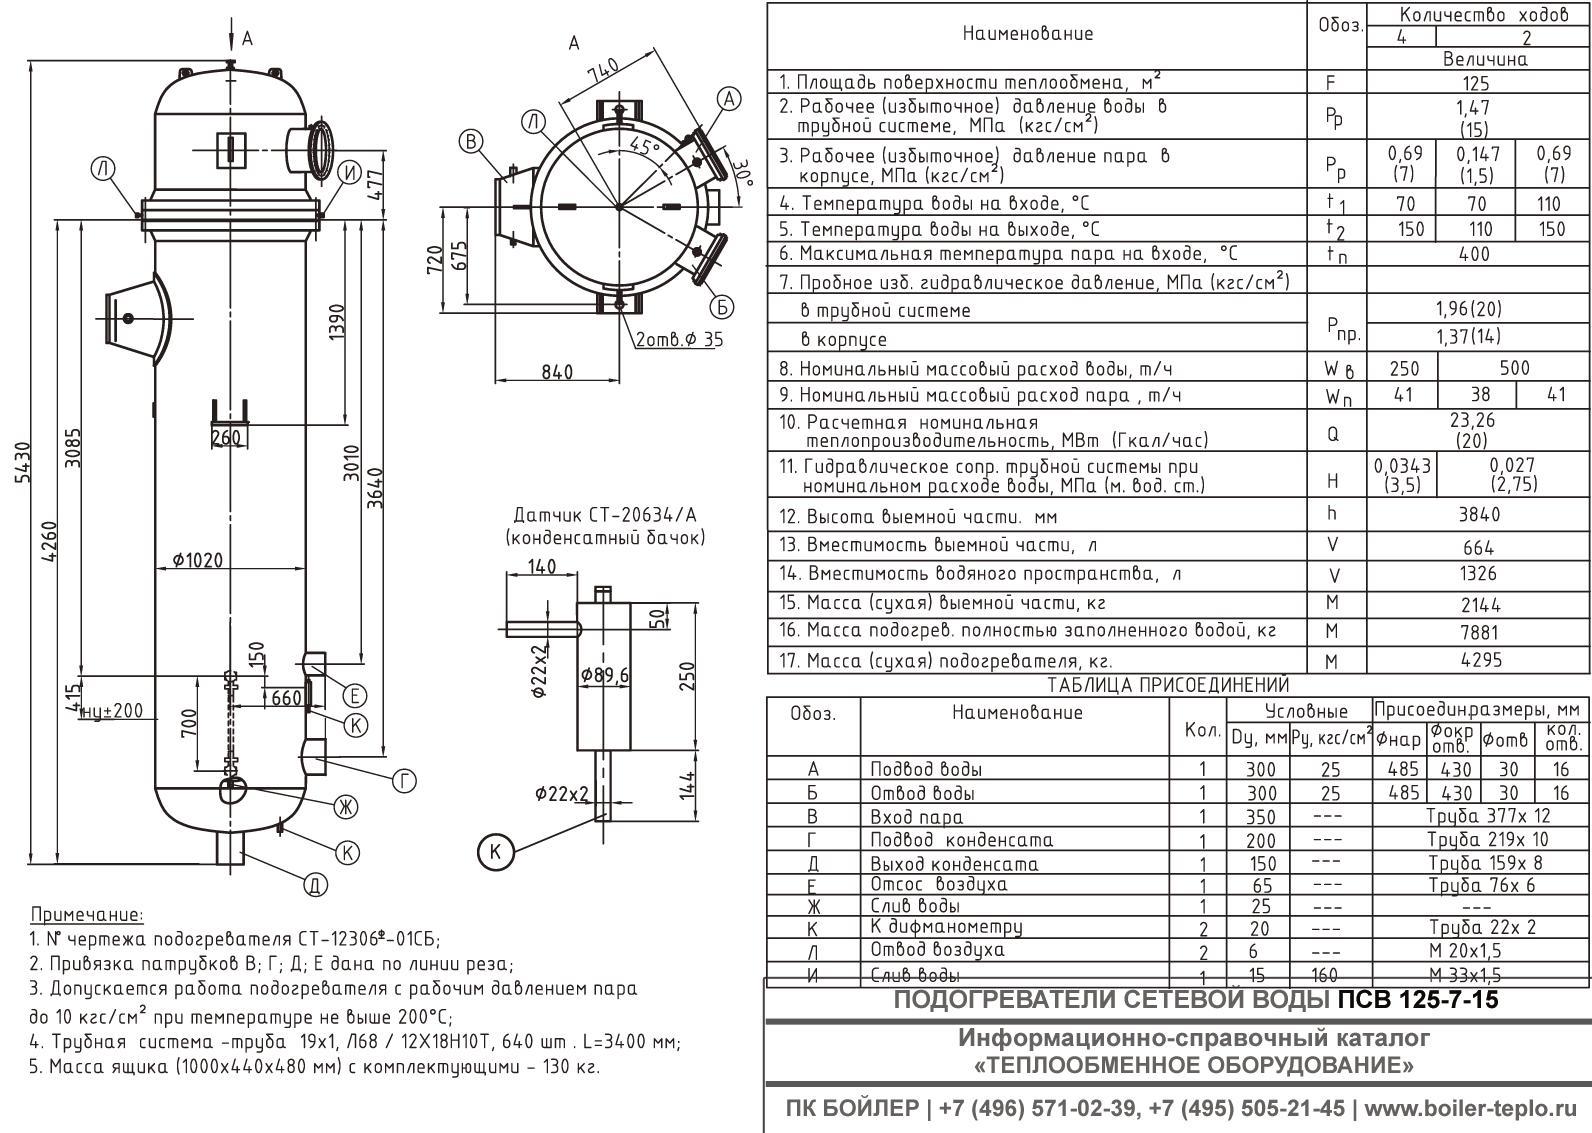 Кожухотрубчатые подогреватели сетевой воды (ПСВ) Киров теплообменник ferroli ремонт